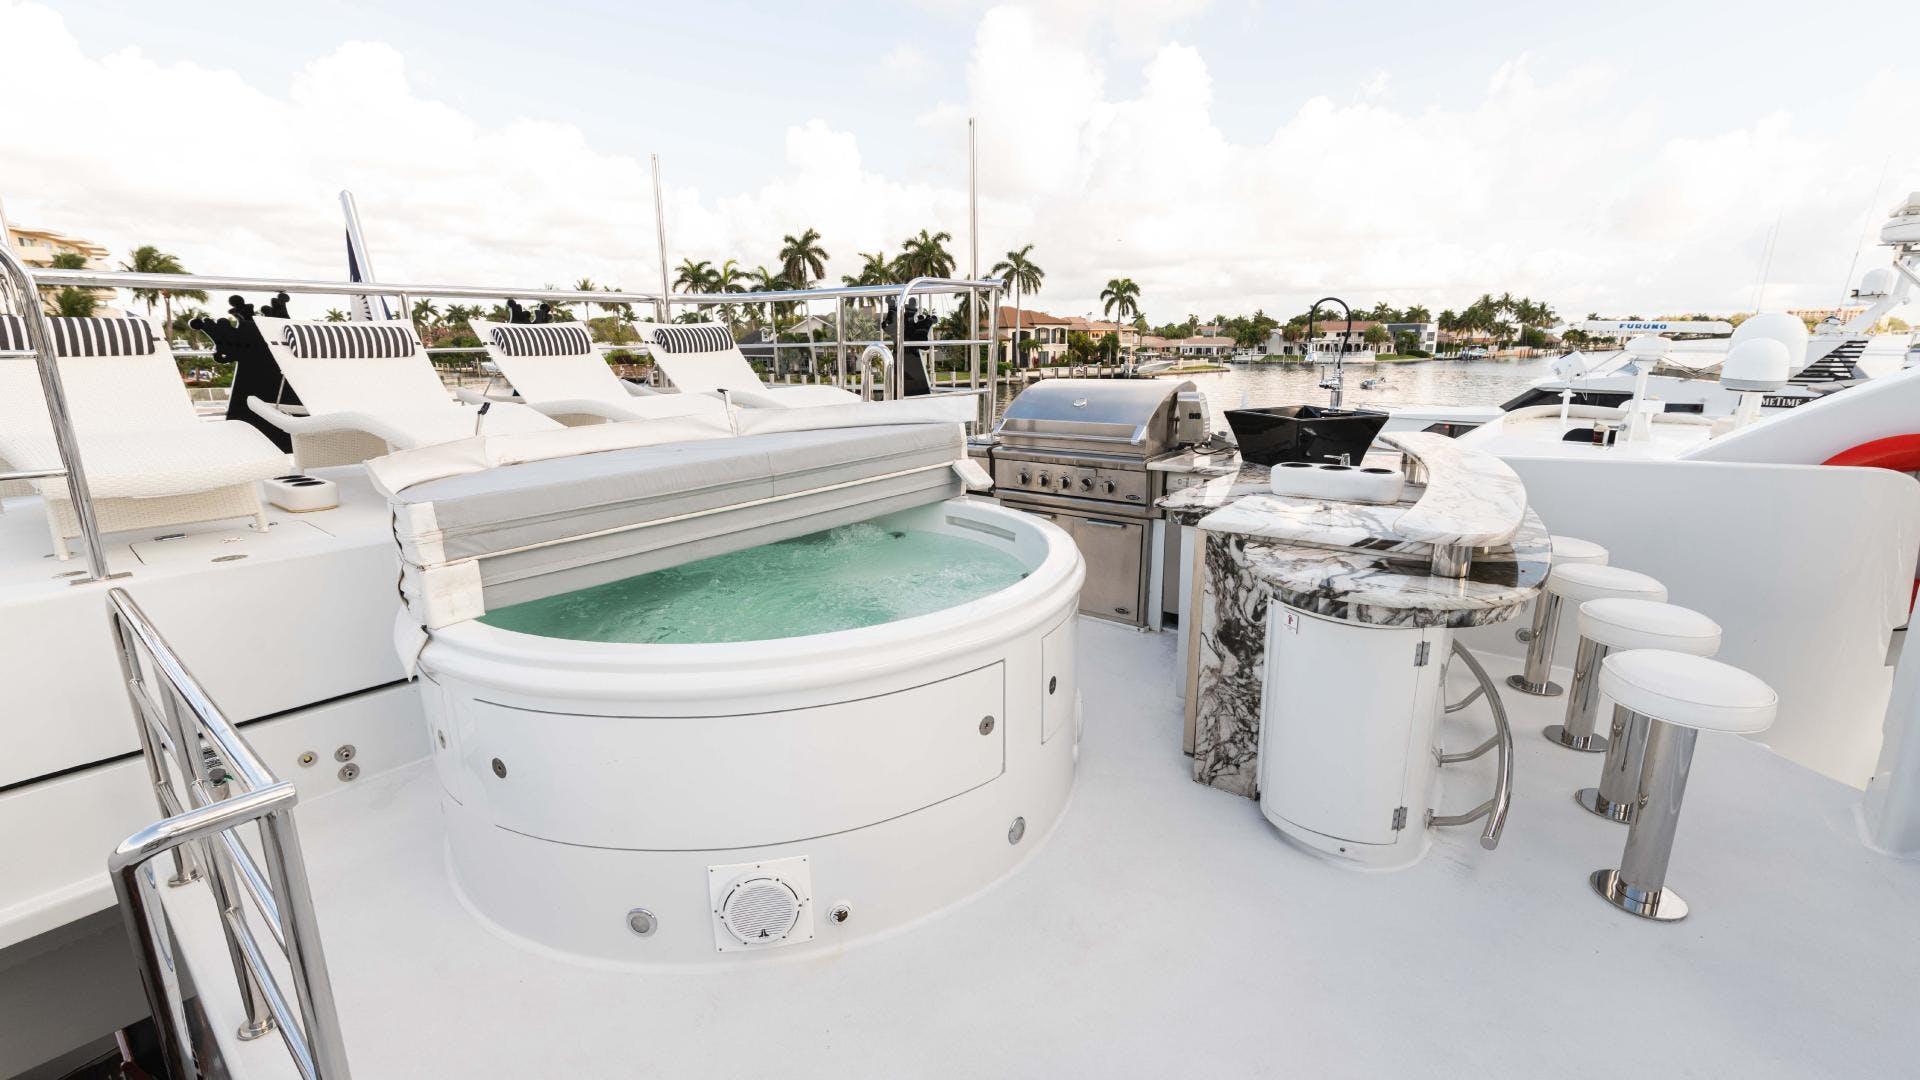 2003 Millennium Super Yachts 118' Raised Pilothouse Arthur's Way | Picture 8 of 54